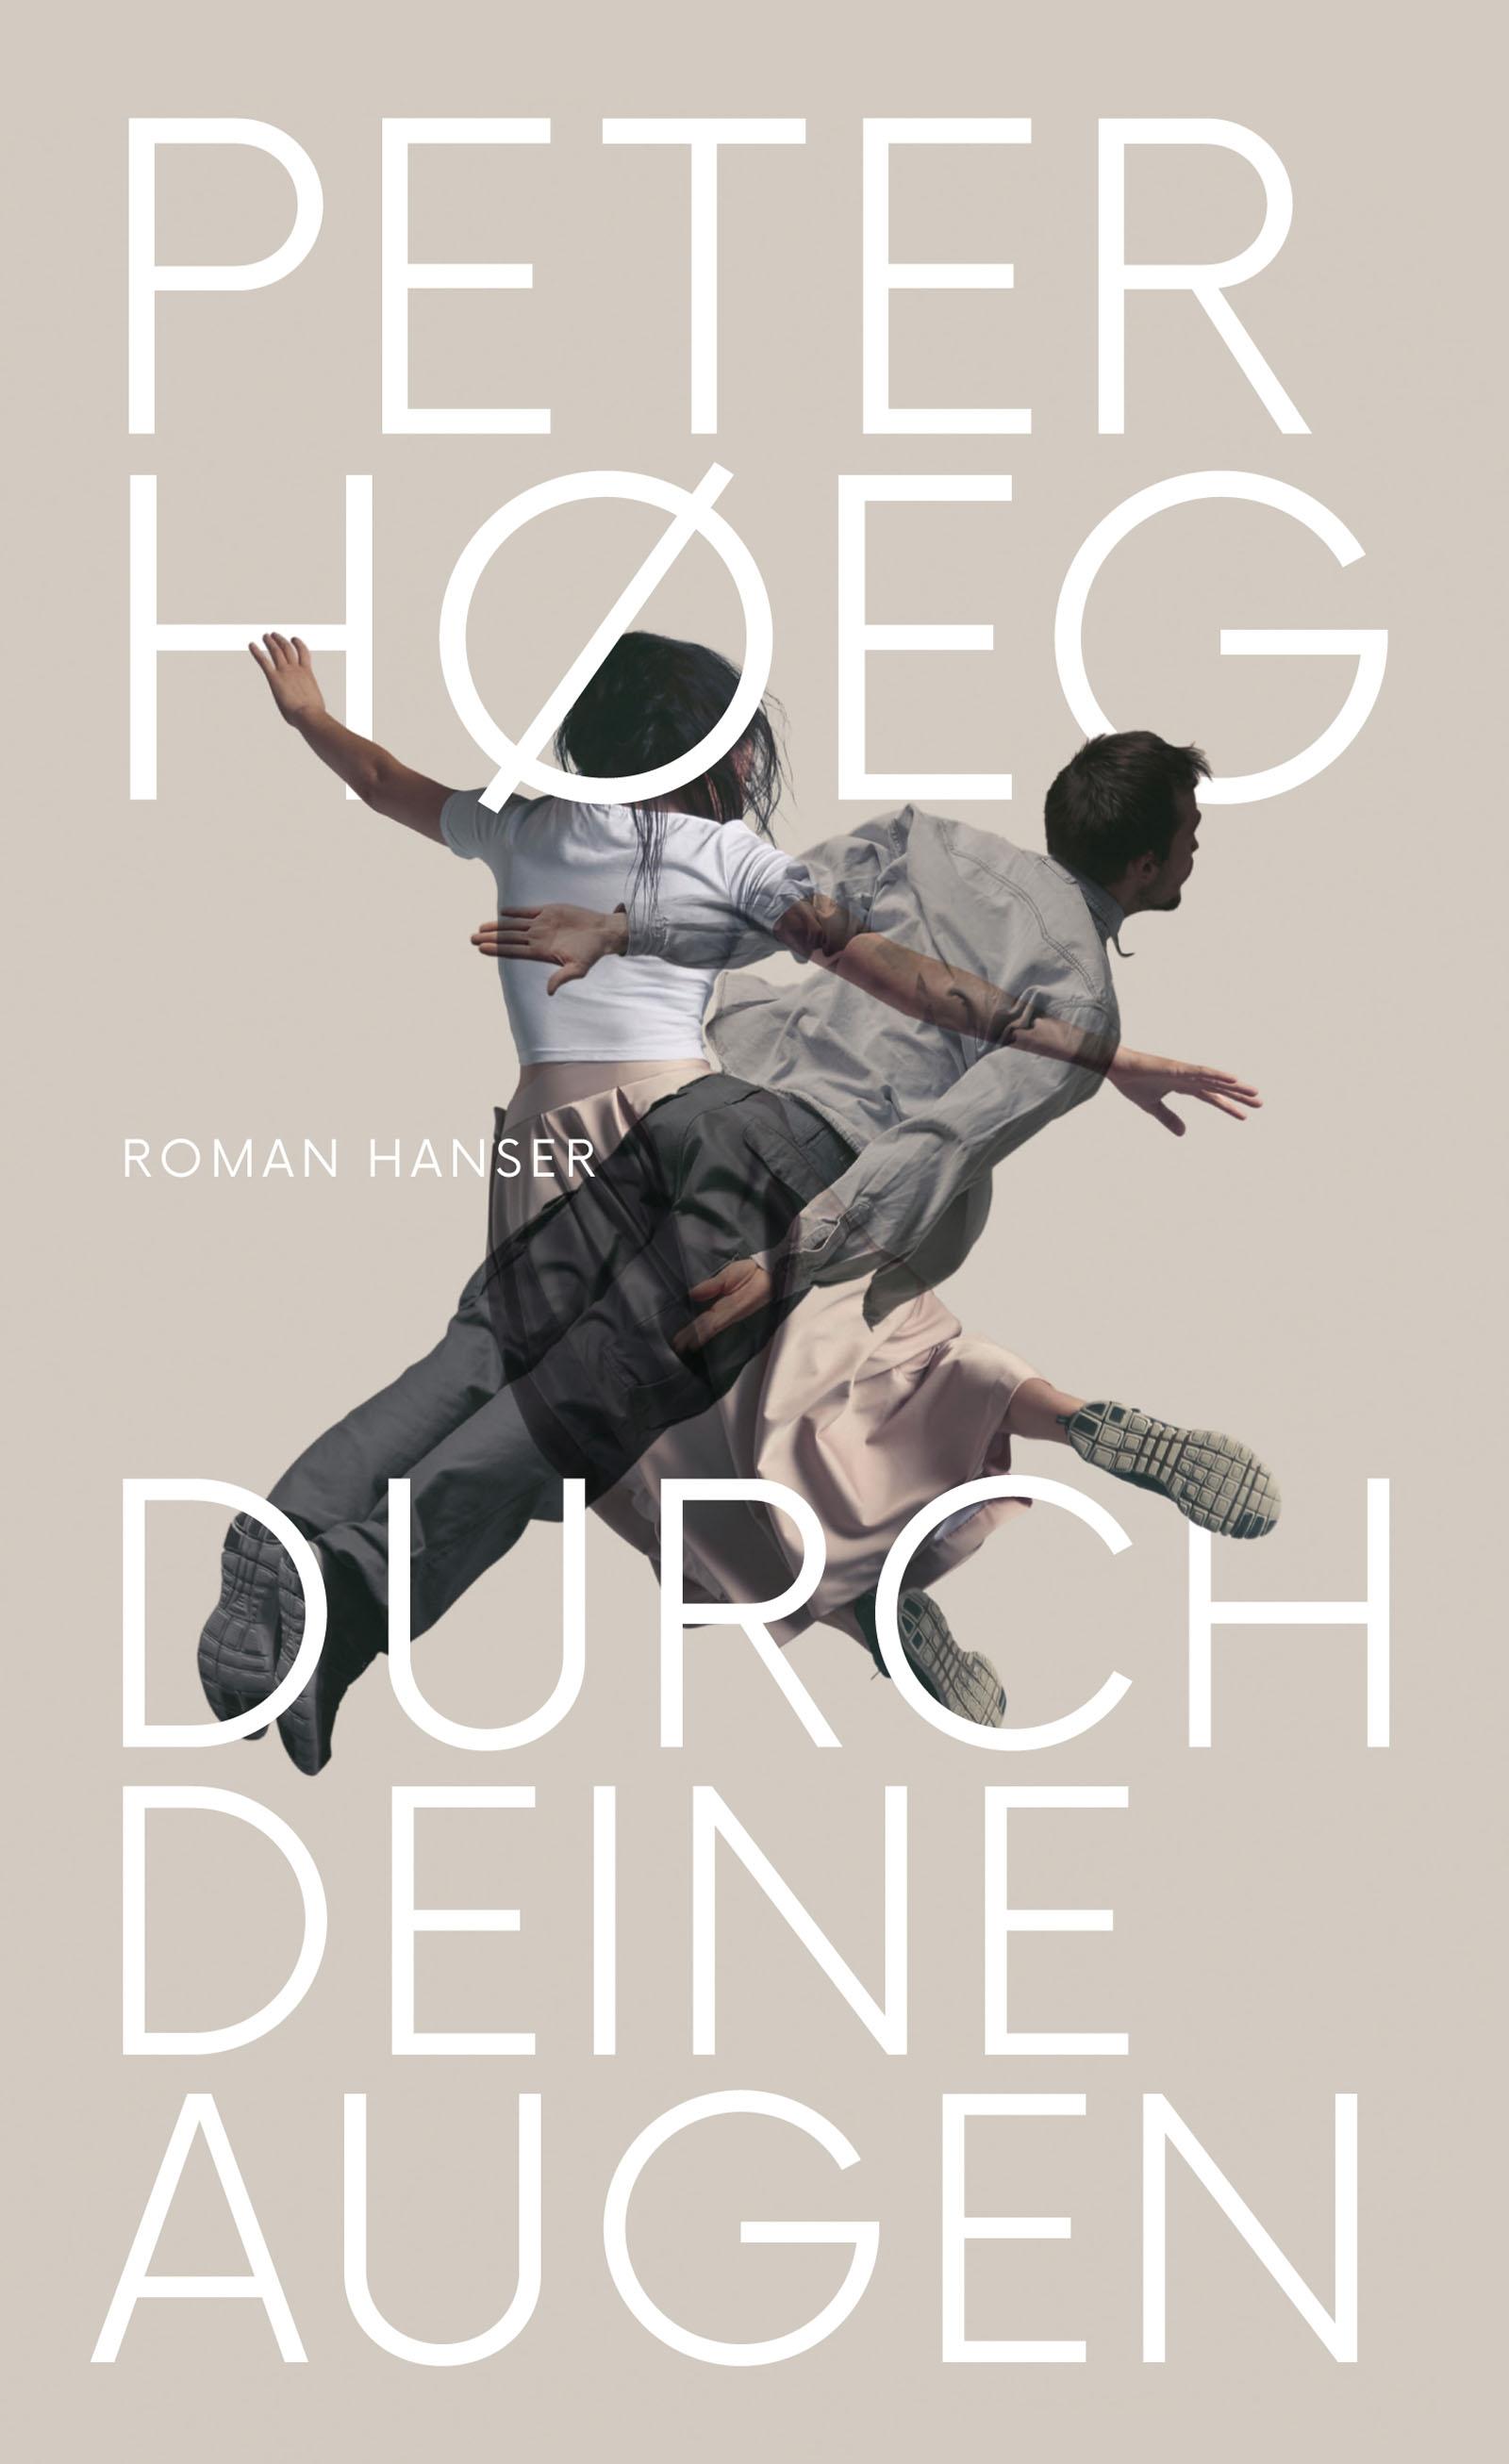 https://www.hanser-literaturverlage.de/buch/durch-deine-augen/978-3-446-26168-6/